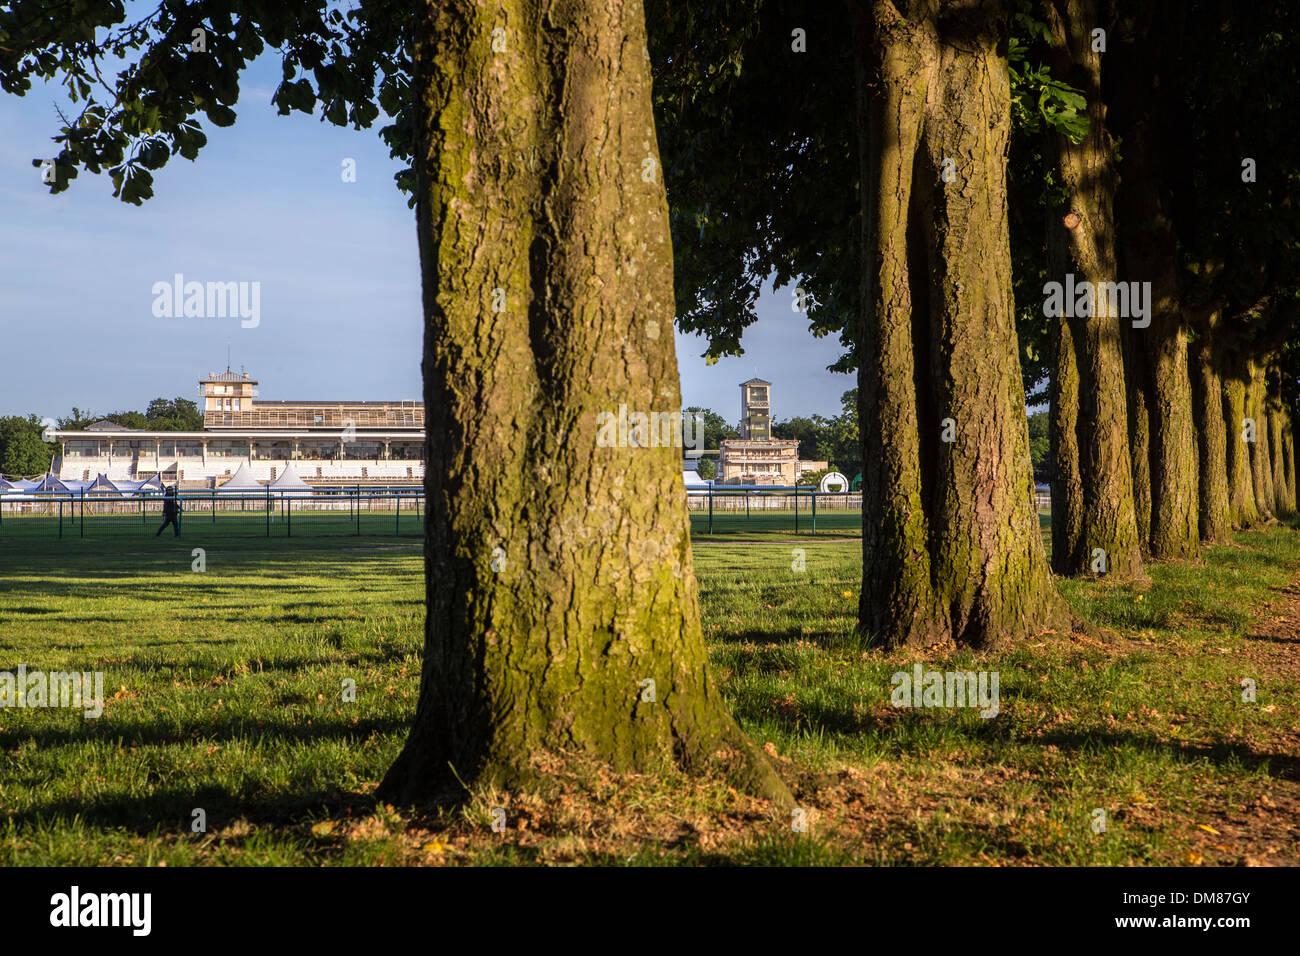 Parque del hipódromo de Chantilly, OISE (60), Francia Imagen De Stock